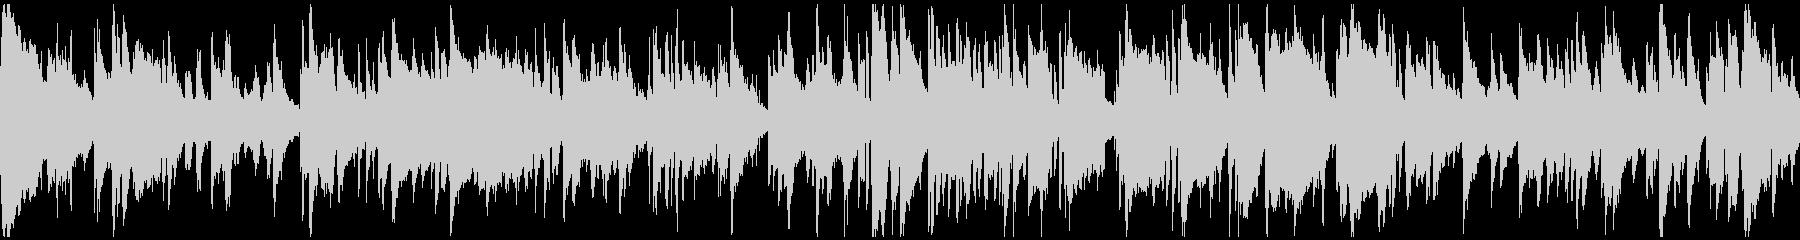 ハーレム感あるエッチなサックス※ループ版の未再生の波形